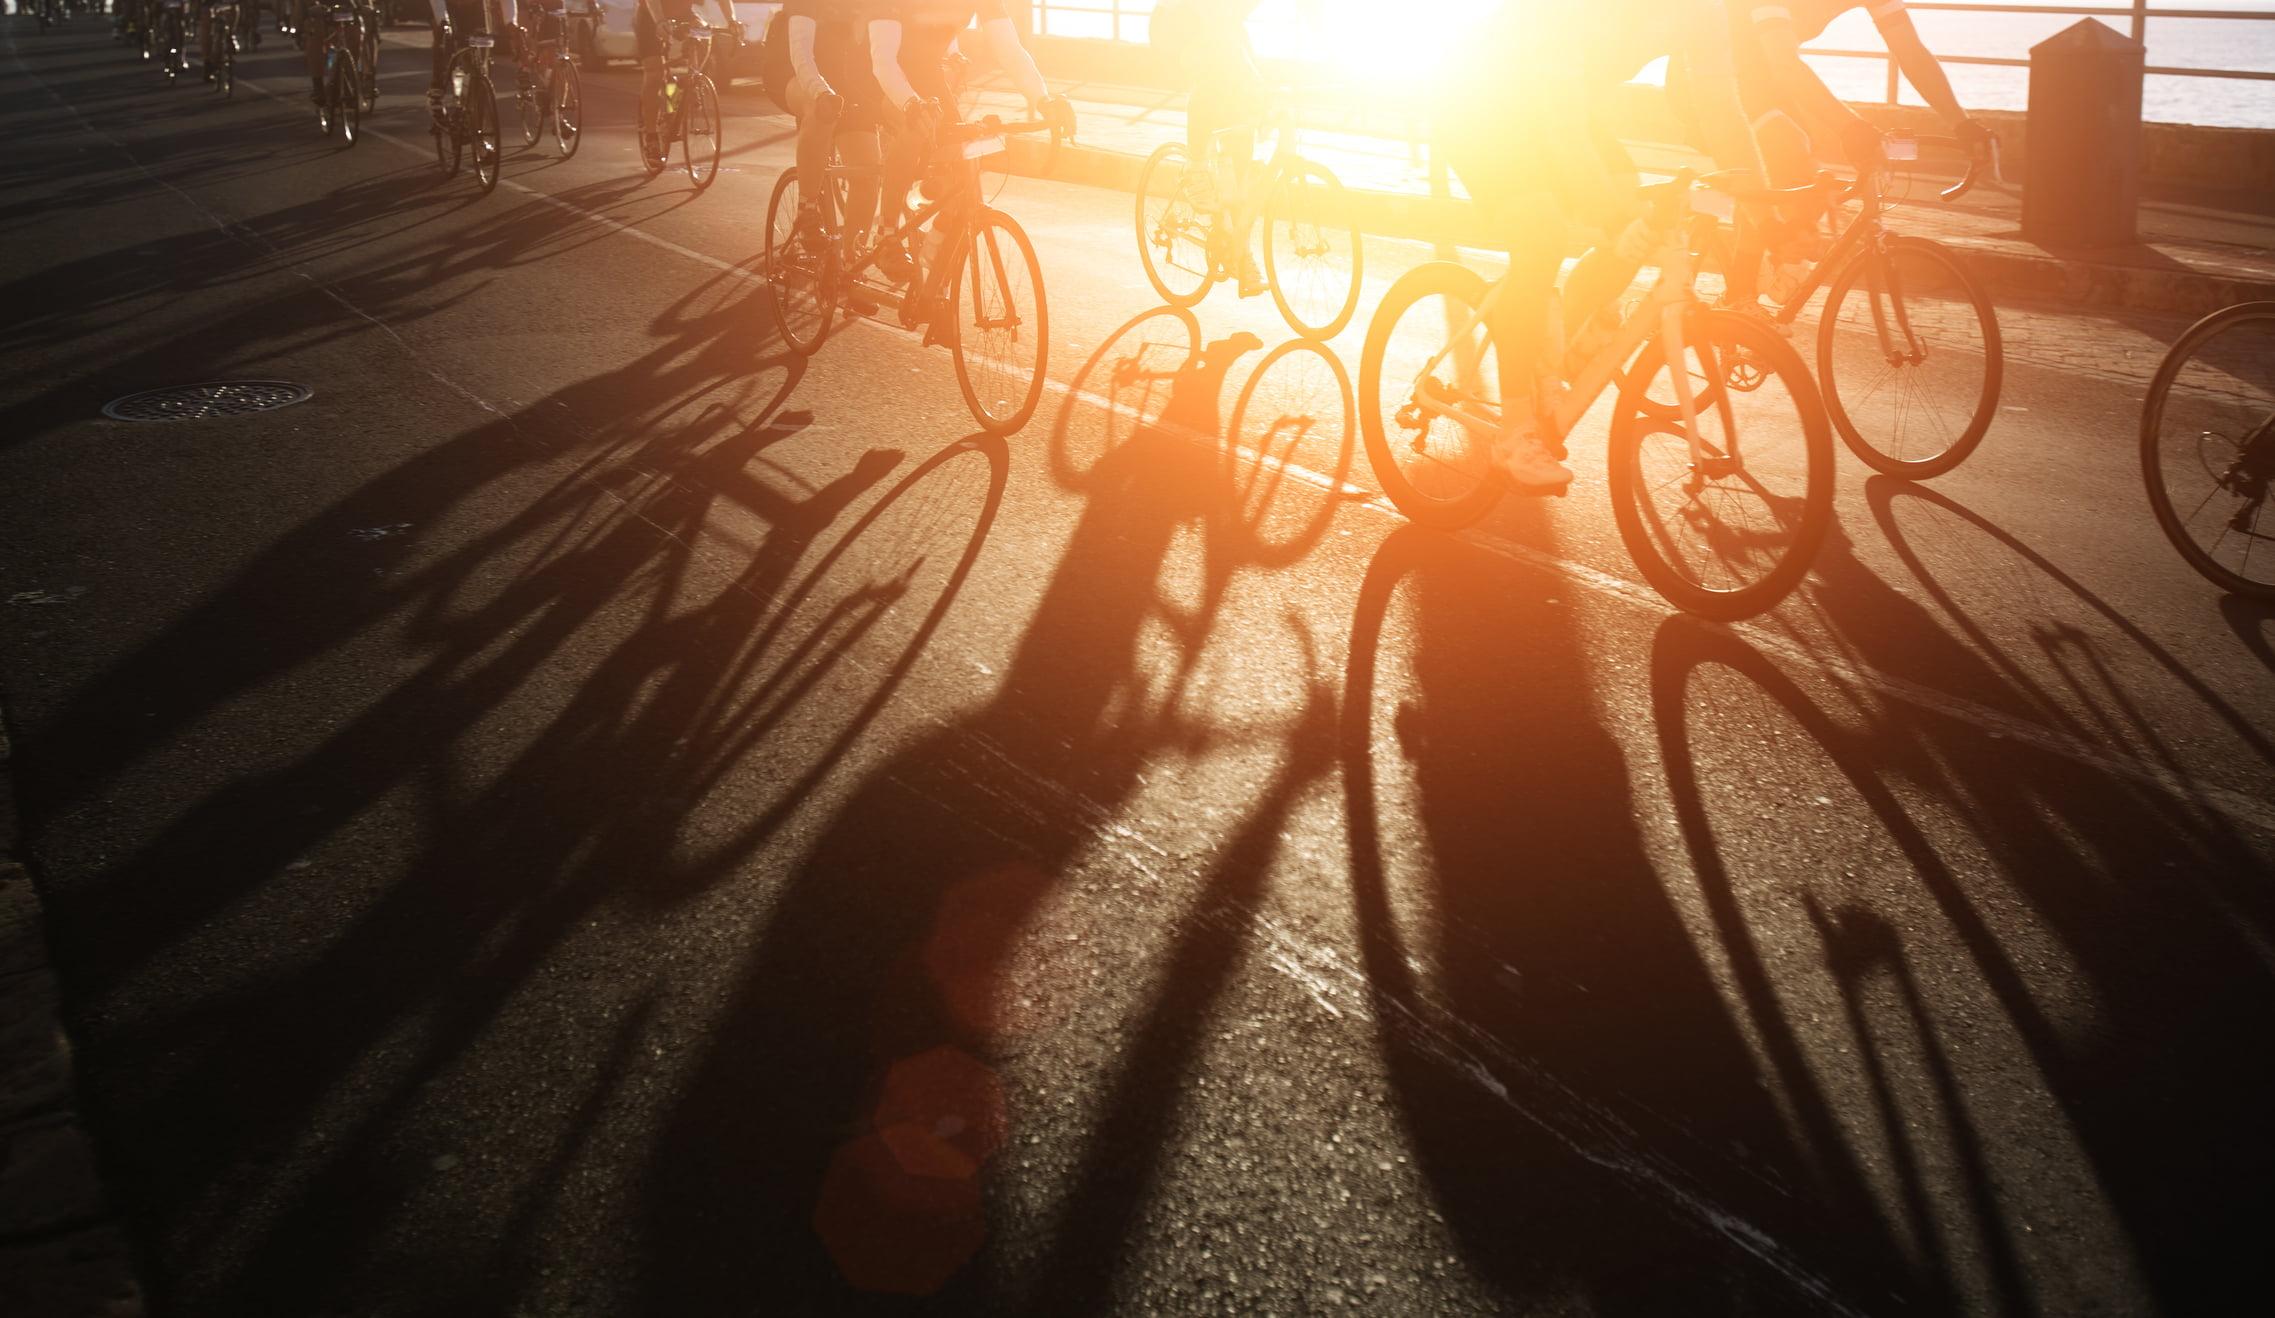 Shadows of bike riders at dawn